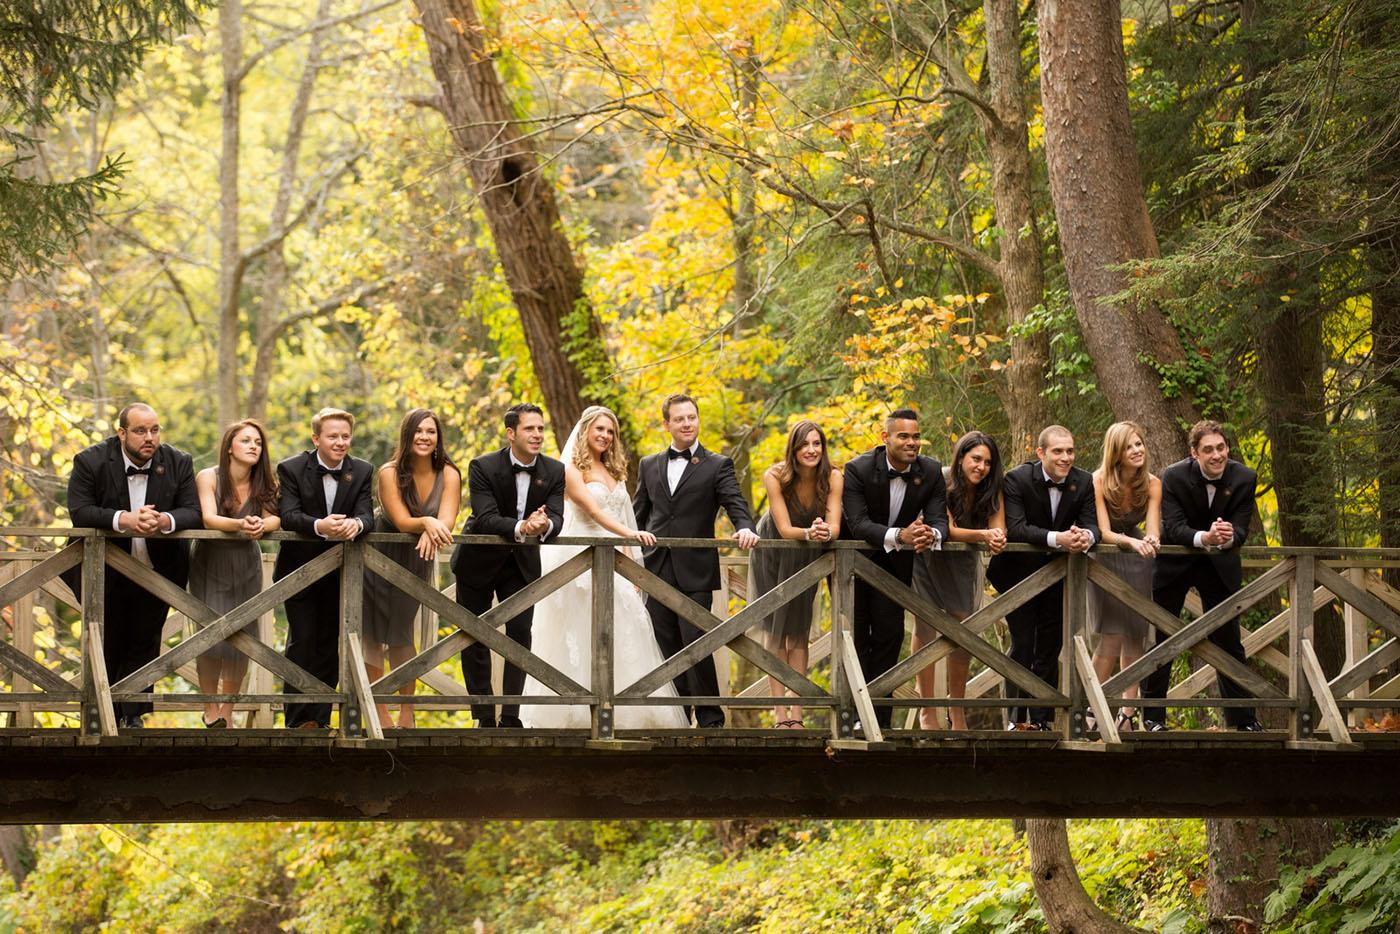 Marisa-Max-Wedding_5D3_9963A-Edit.jpg